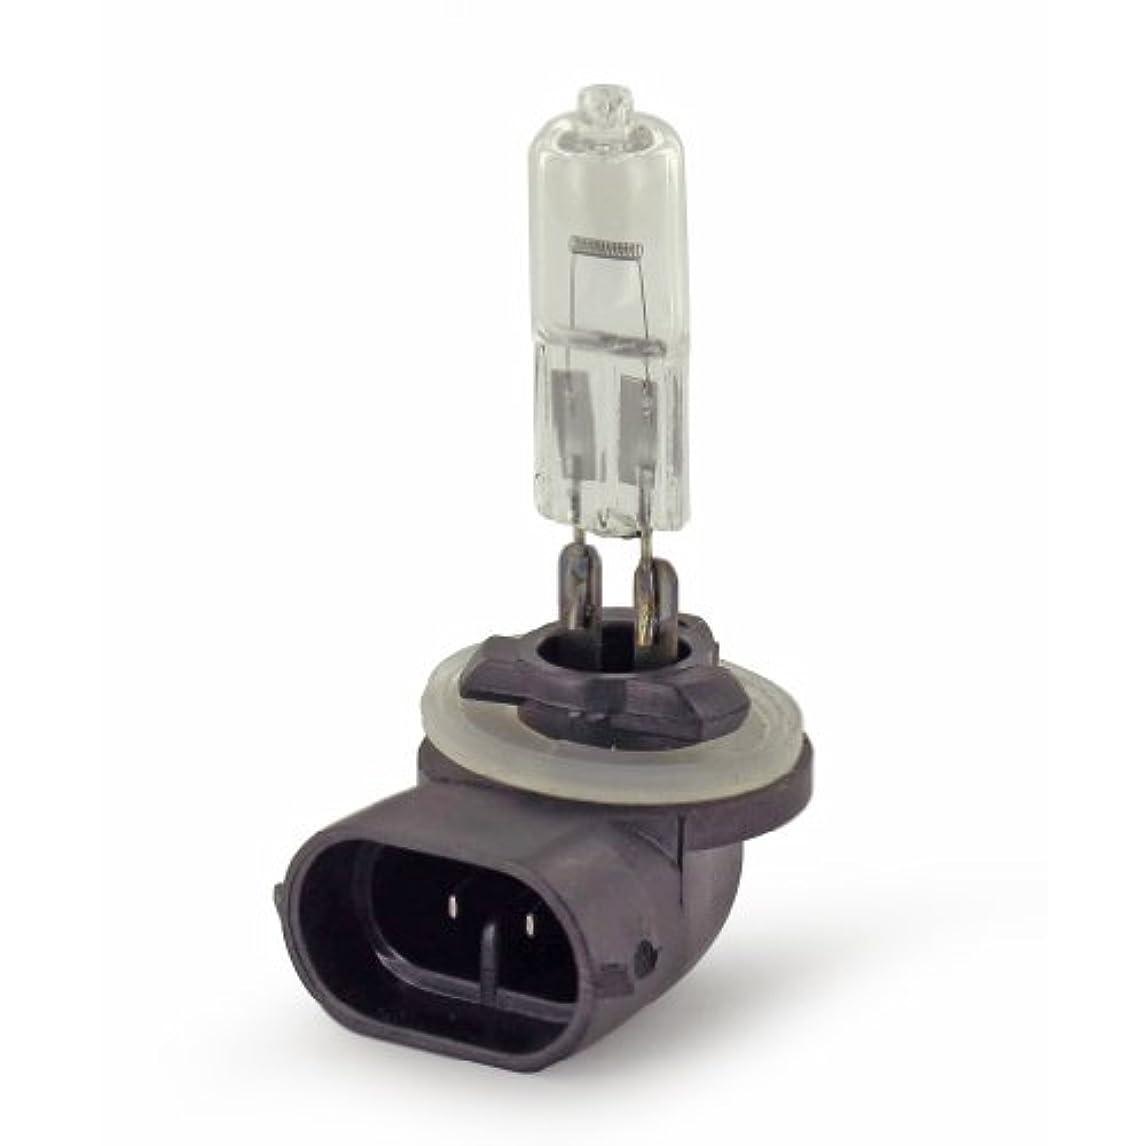 脆い気味の悪い共役Intella 1062038 GE 894 Bulb, 12.8V, 38W by Intella Liftparts Inc.